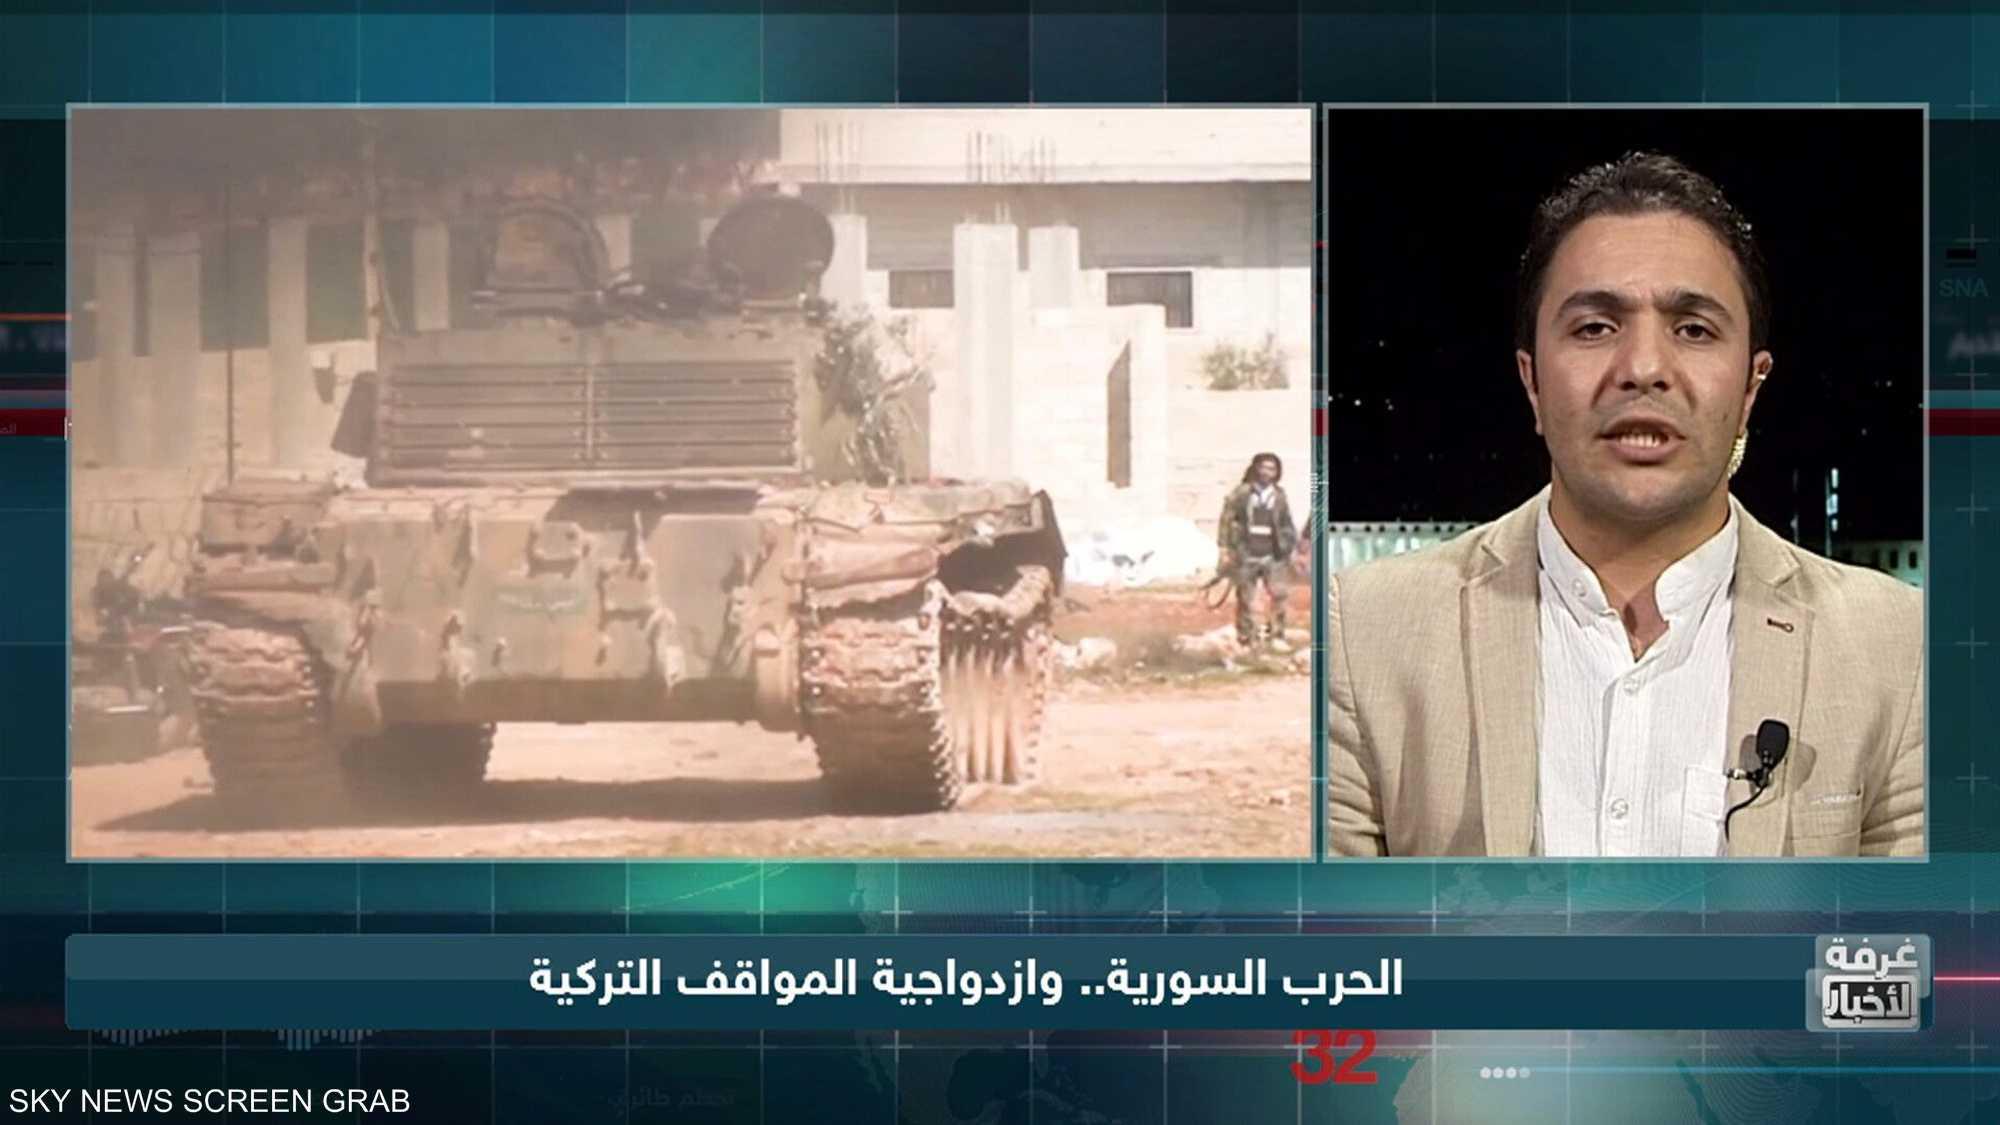 الحرب السورية.. وازدواجية المواقف التركية